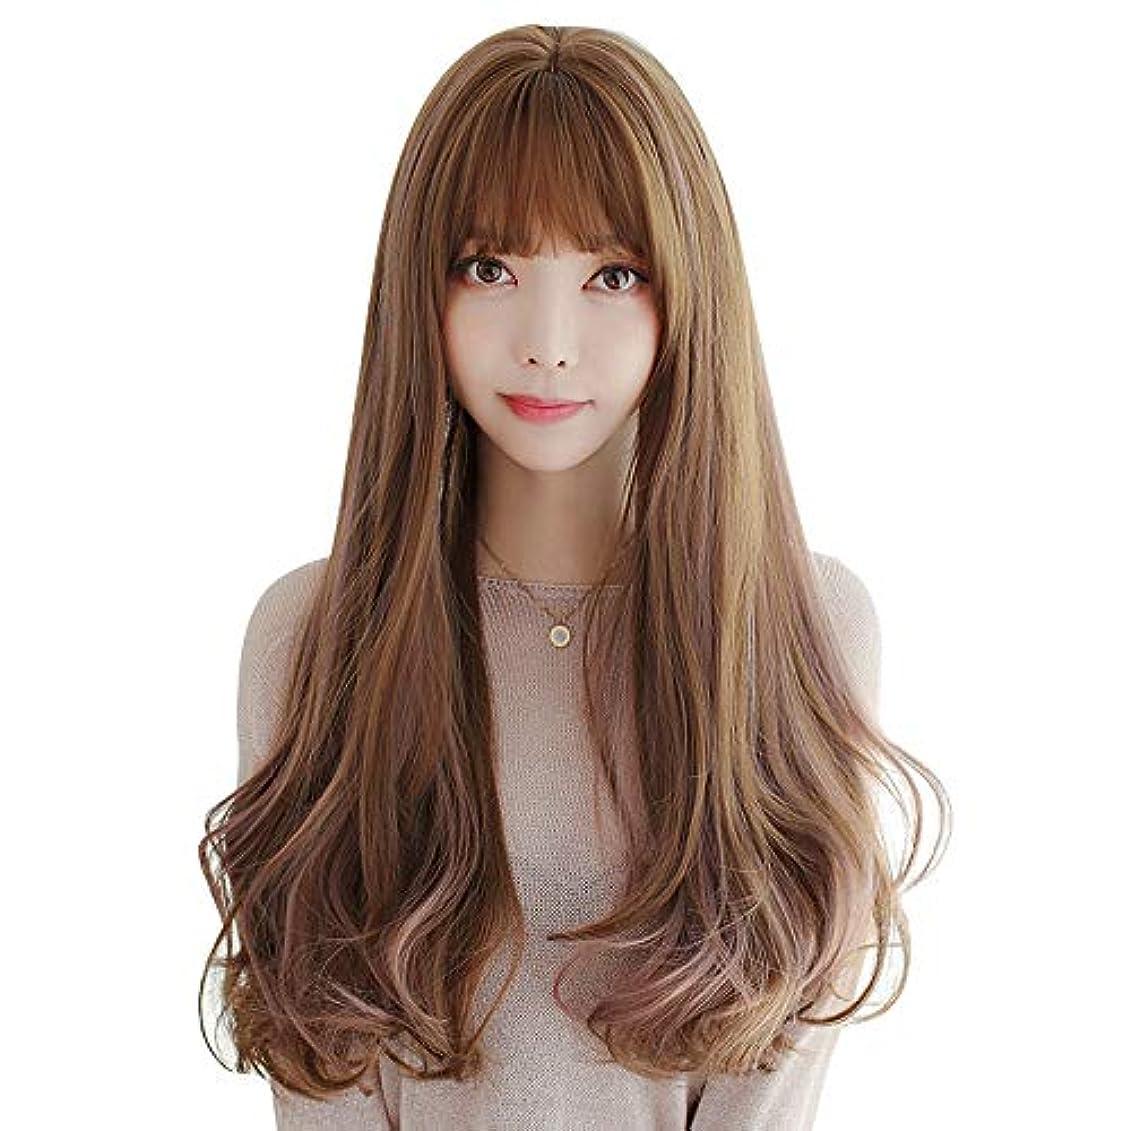 アドバンテージ腹検出器SRY-Wigファッション ヨーロッパとアメリカの女性の波状かつら前髪ミドル丈合成コスプレかつら日常用または衣装 (Color : 01, Size : フリー)